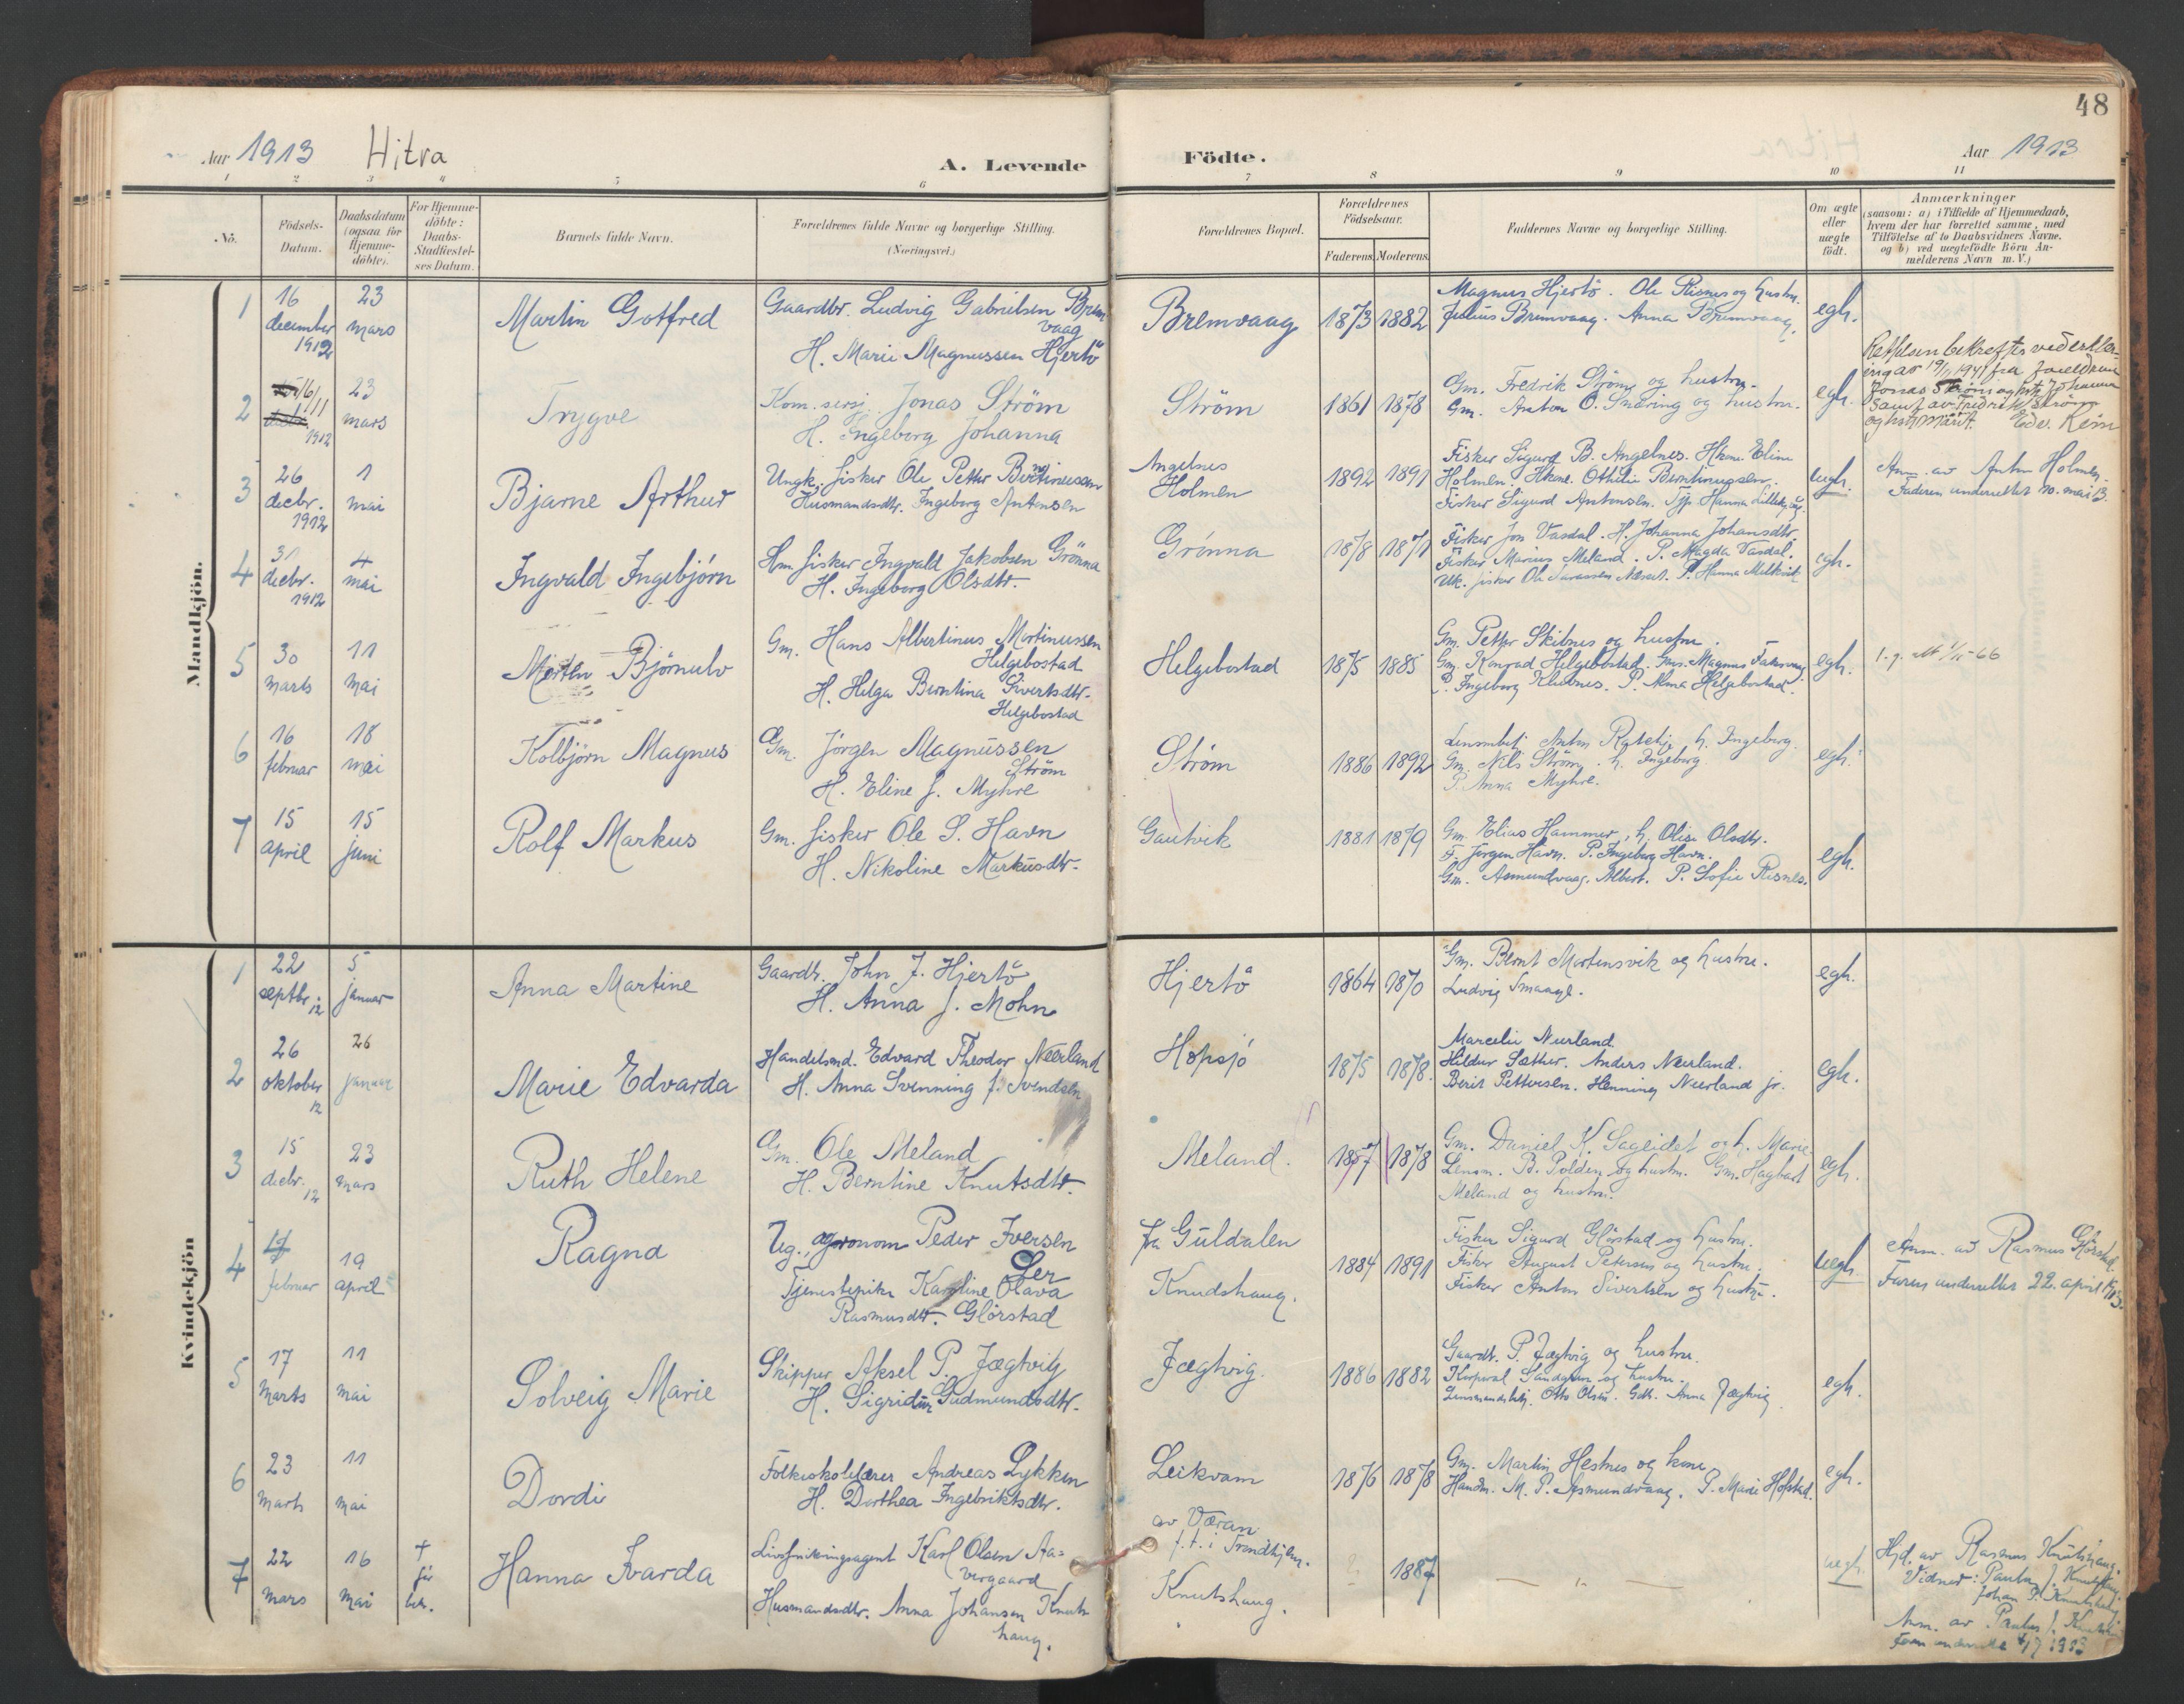 SAT, Ministerialprotokoller, klokkerbøker og fødselsregistre - Sør-Trøndelag, 634/L0537: Ministerialbok nr. 634A13, 1896-1922, s. 48